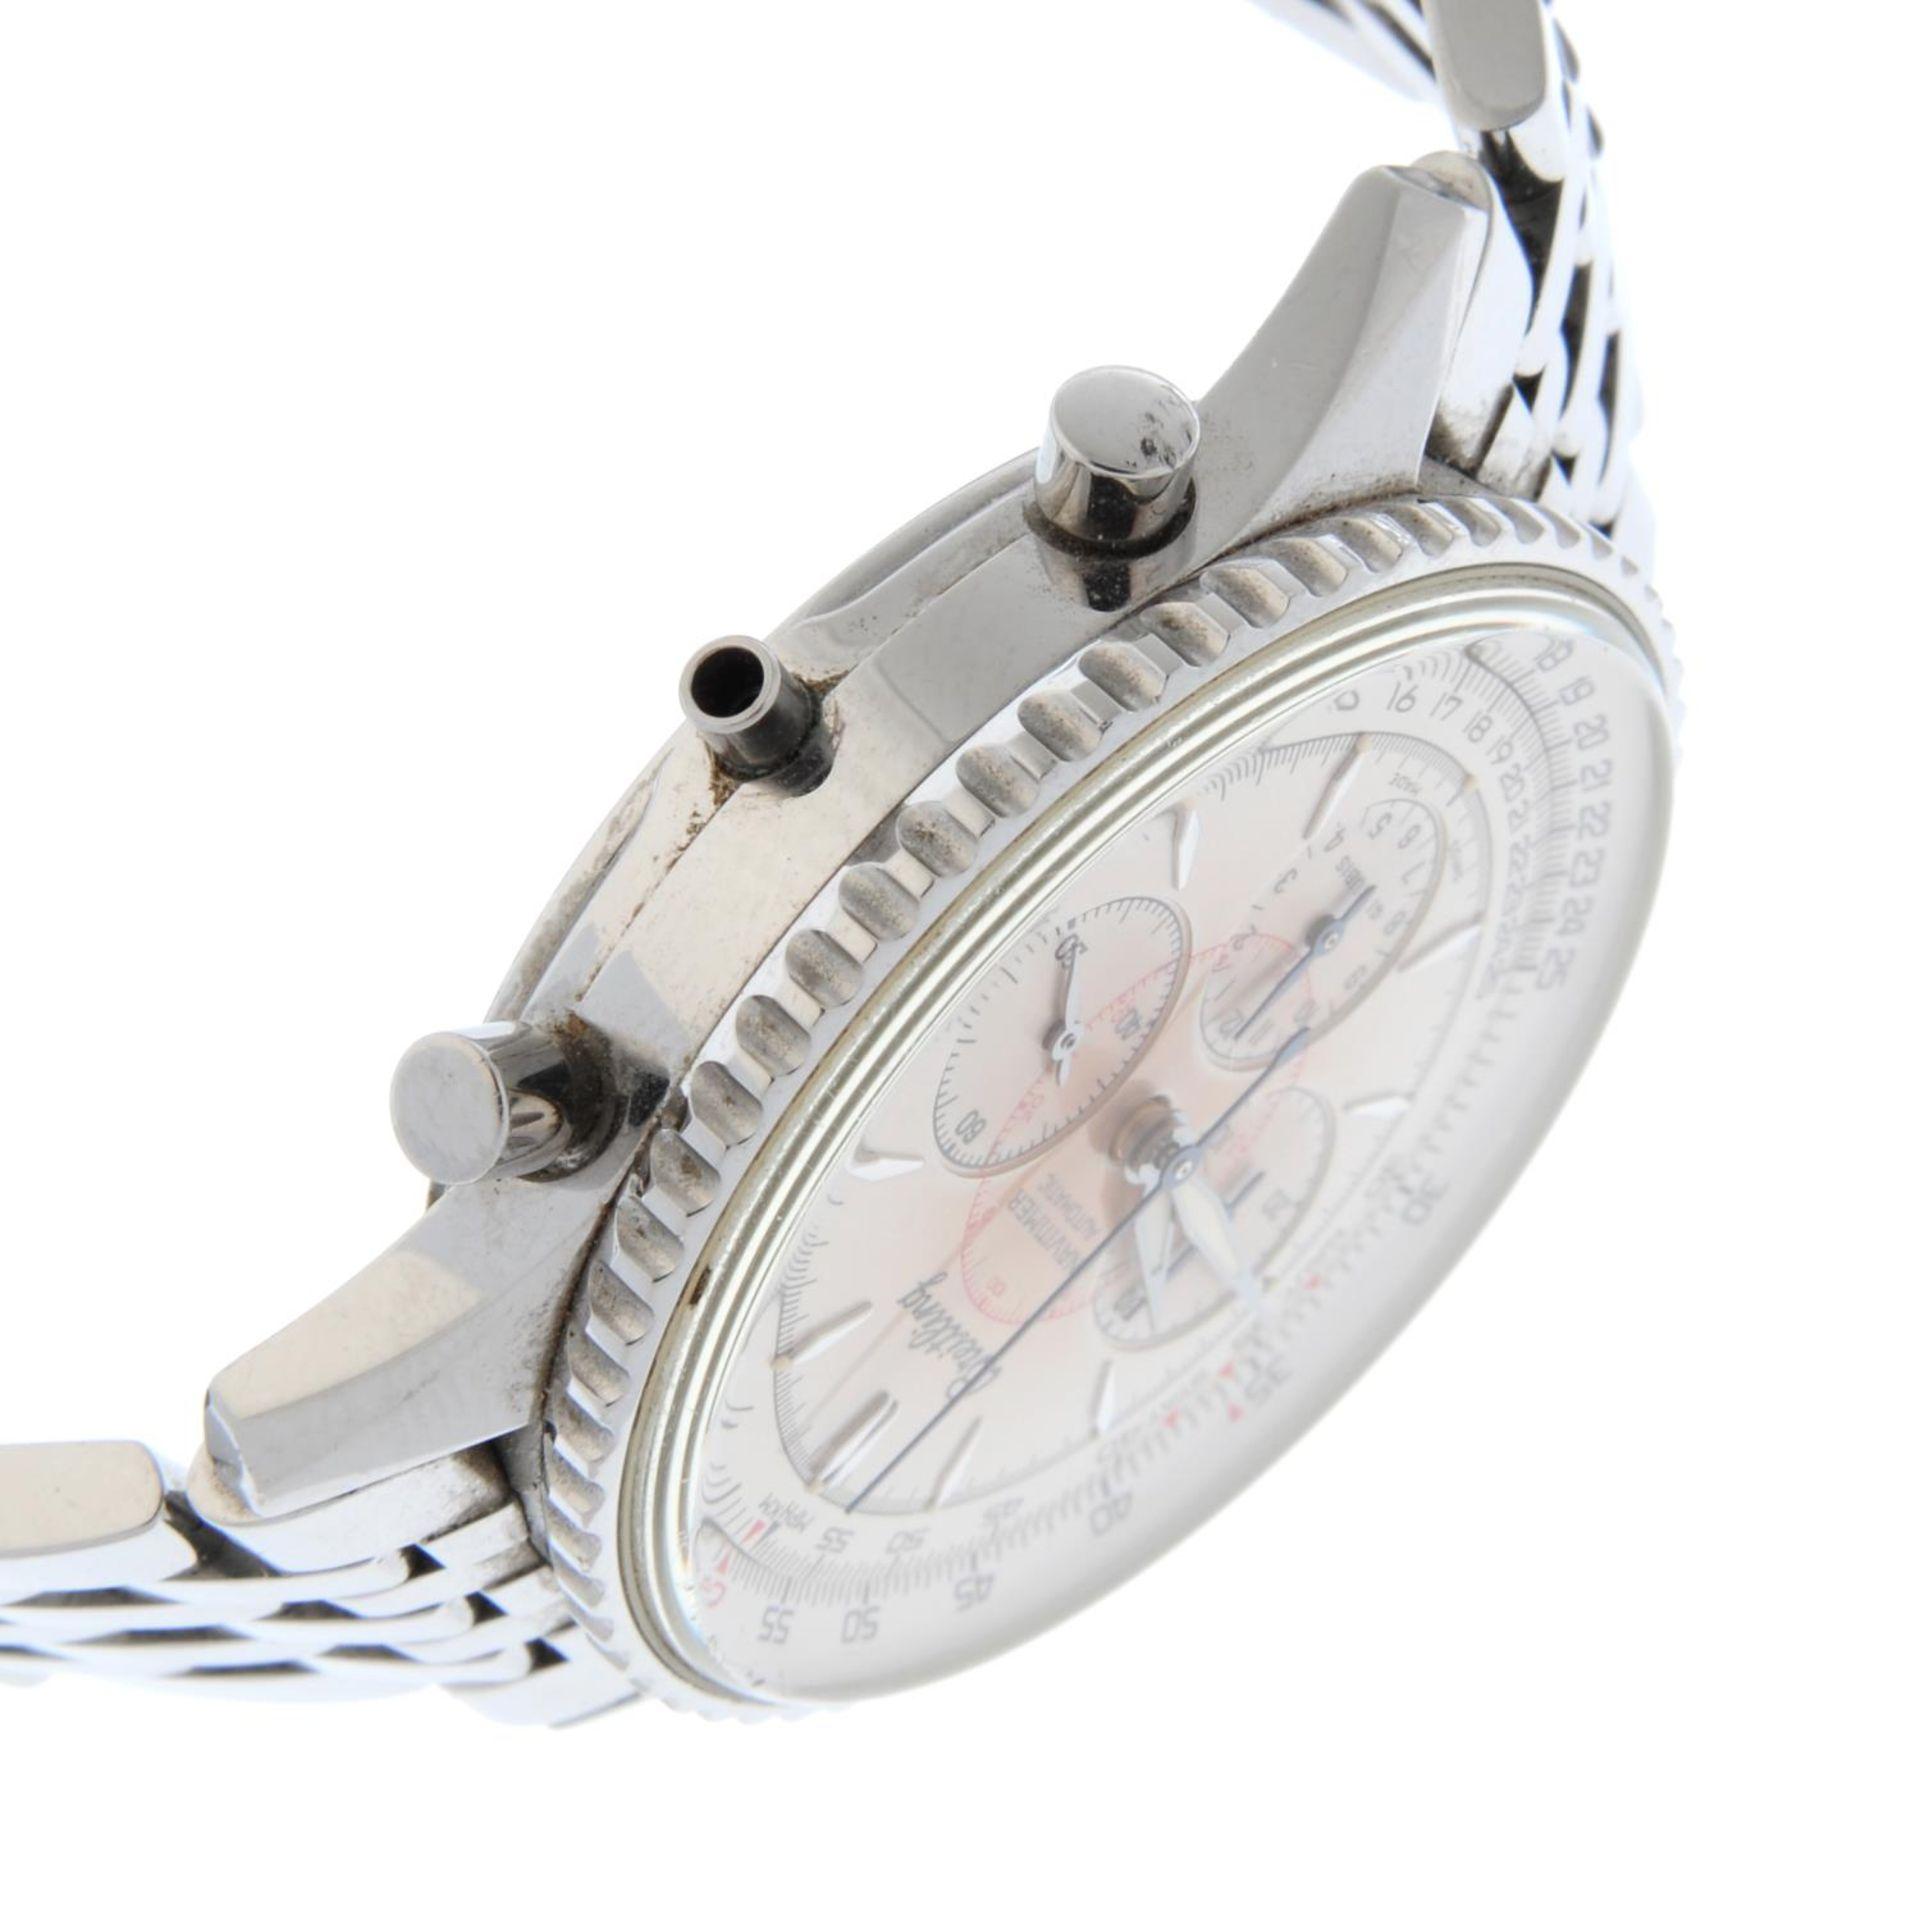 BREITLING - a Navitimer Montbrilliant bracelet watch. - Bild 4 aus 5